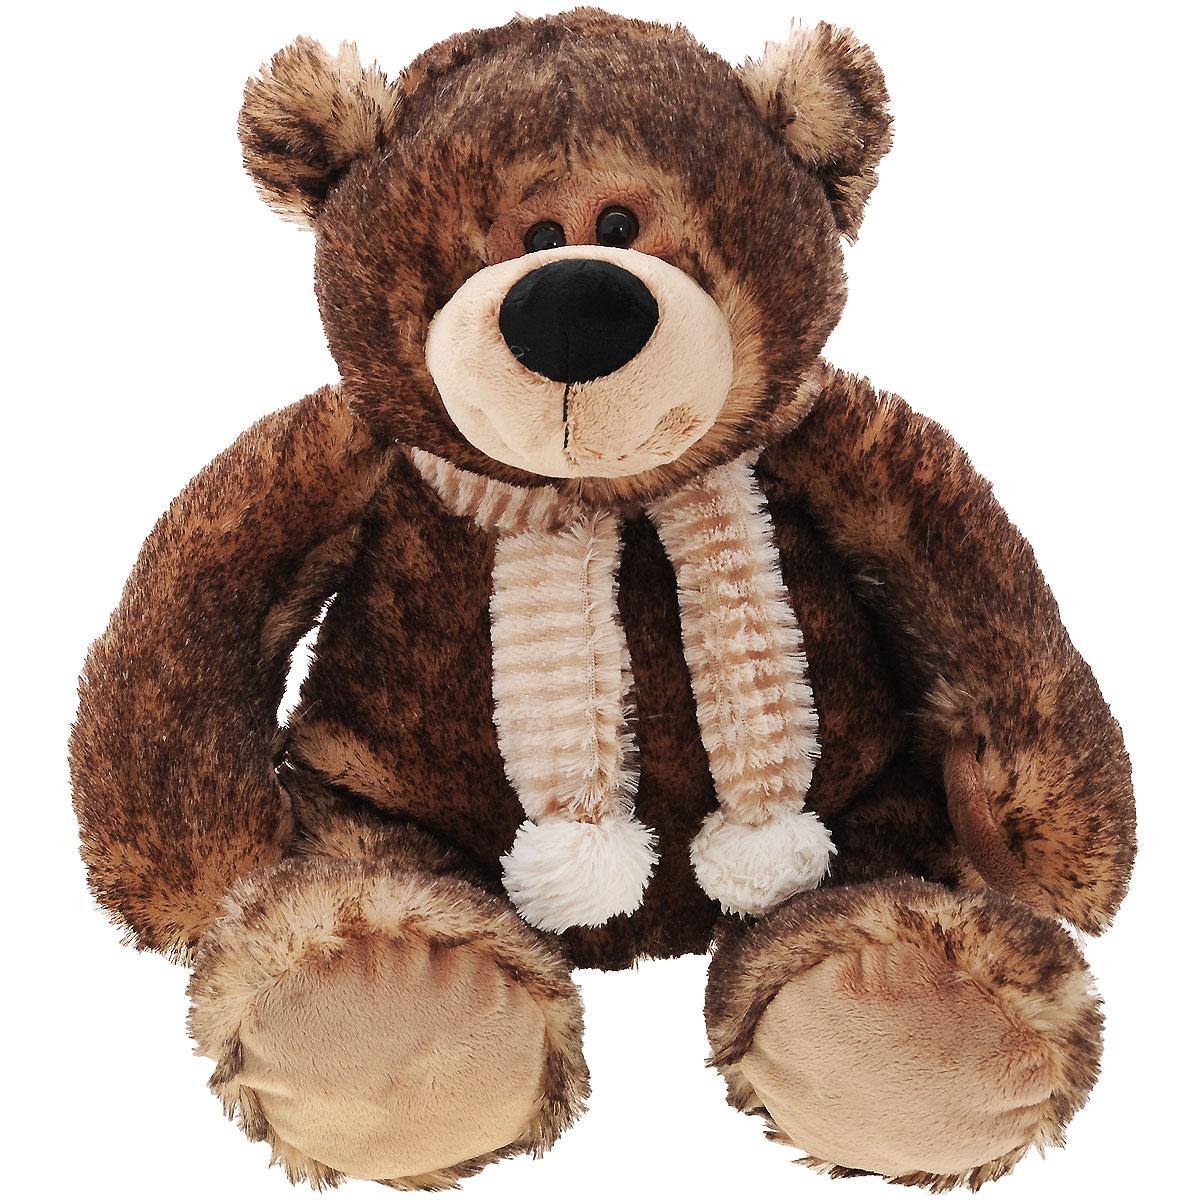 Мягкая игрушка Plush Apple Медведь, цвет: коричневый, 37 см11513,K73004BЯркая мягкая игрушка Plush Apple Медведь с меховым шарфиком на шее, привлечет внимание не только ребенка, но и взрослого. Модель изготовлена из приятных на ощупь и очень мягких безвредных материалов. Мишка большой, в сидячем положении 37 см. Невероятно мягкий и нежный, с ним так приятно играть, ходить на прогулку и засыпать, прижавшись к его бочку. Плюшевые игрушки помогут любому человеку выразить свои чувства и преподнести незабываемый, оригинальный подарок своим близким и любимым.